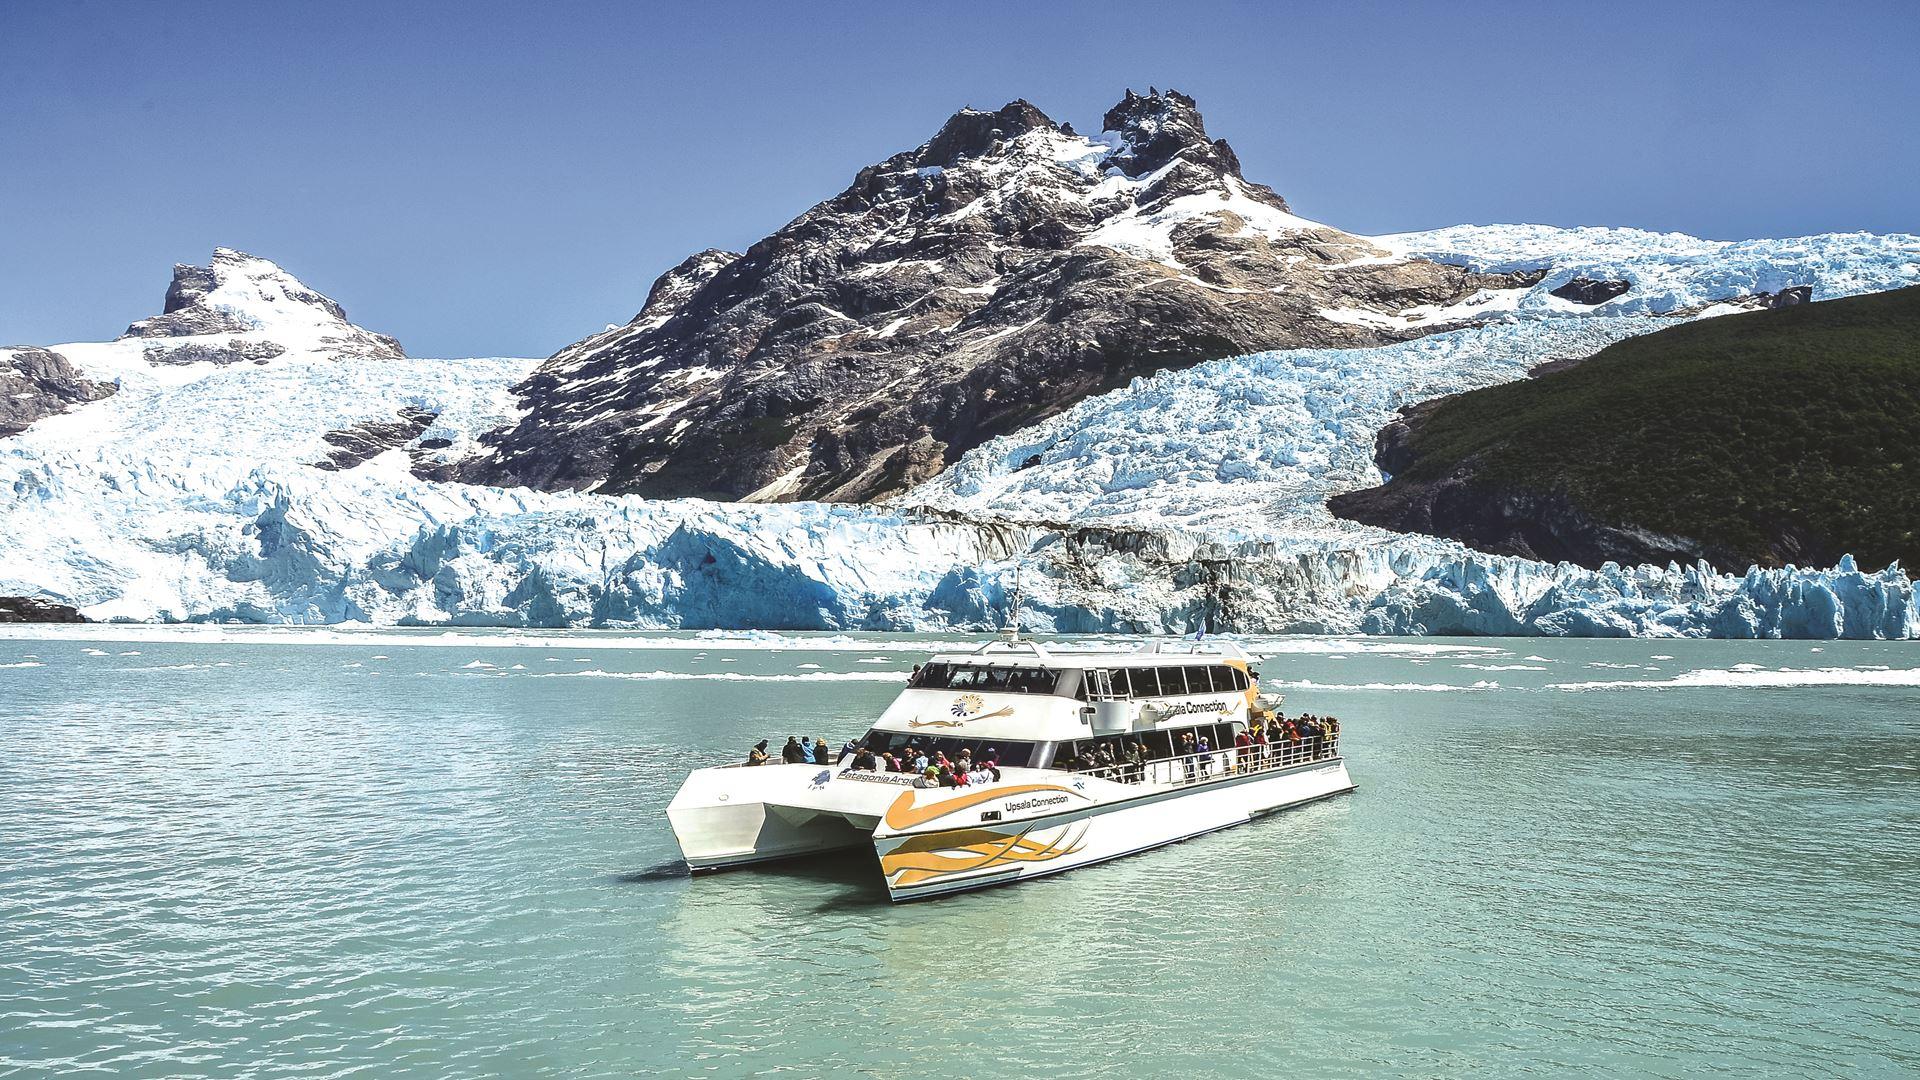 Patagonia Argentina Glaciers - Ríos de Hielo Boat Ride